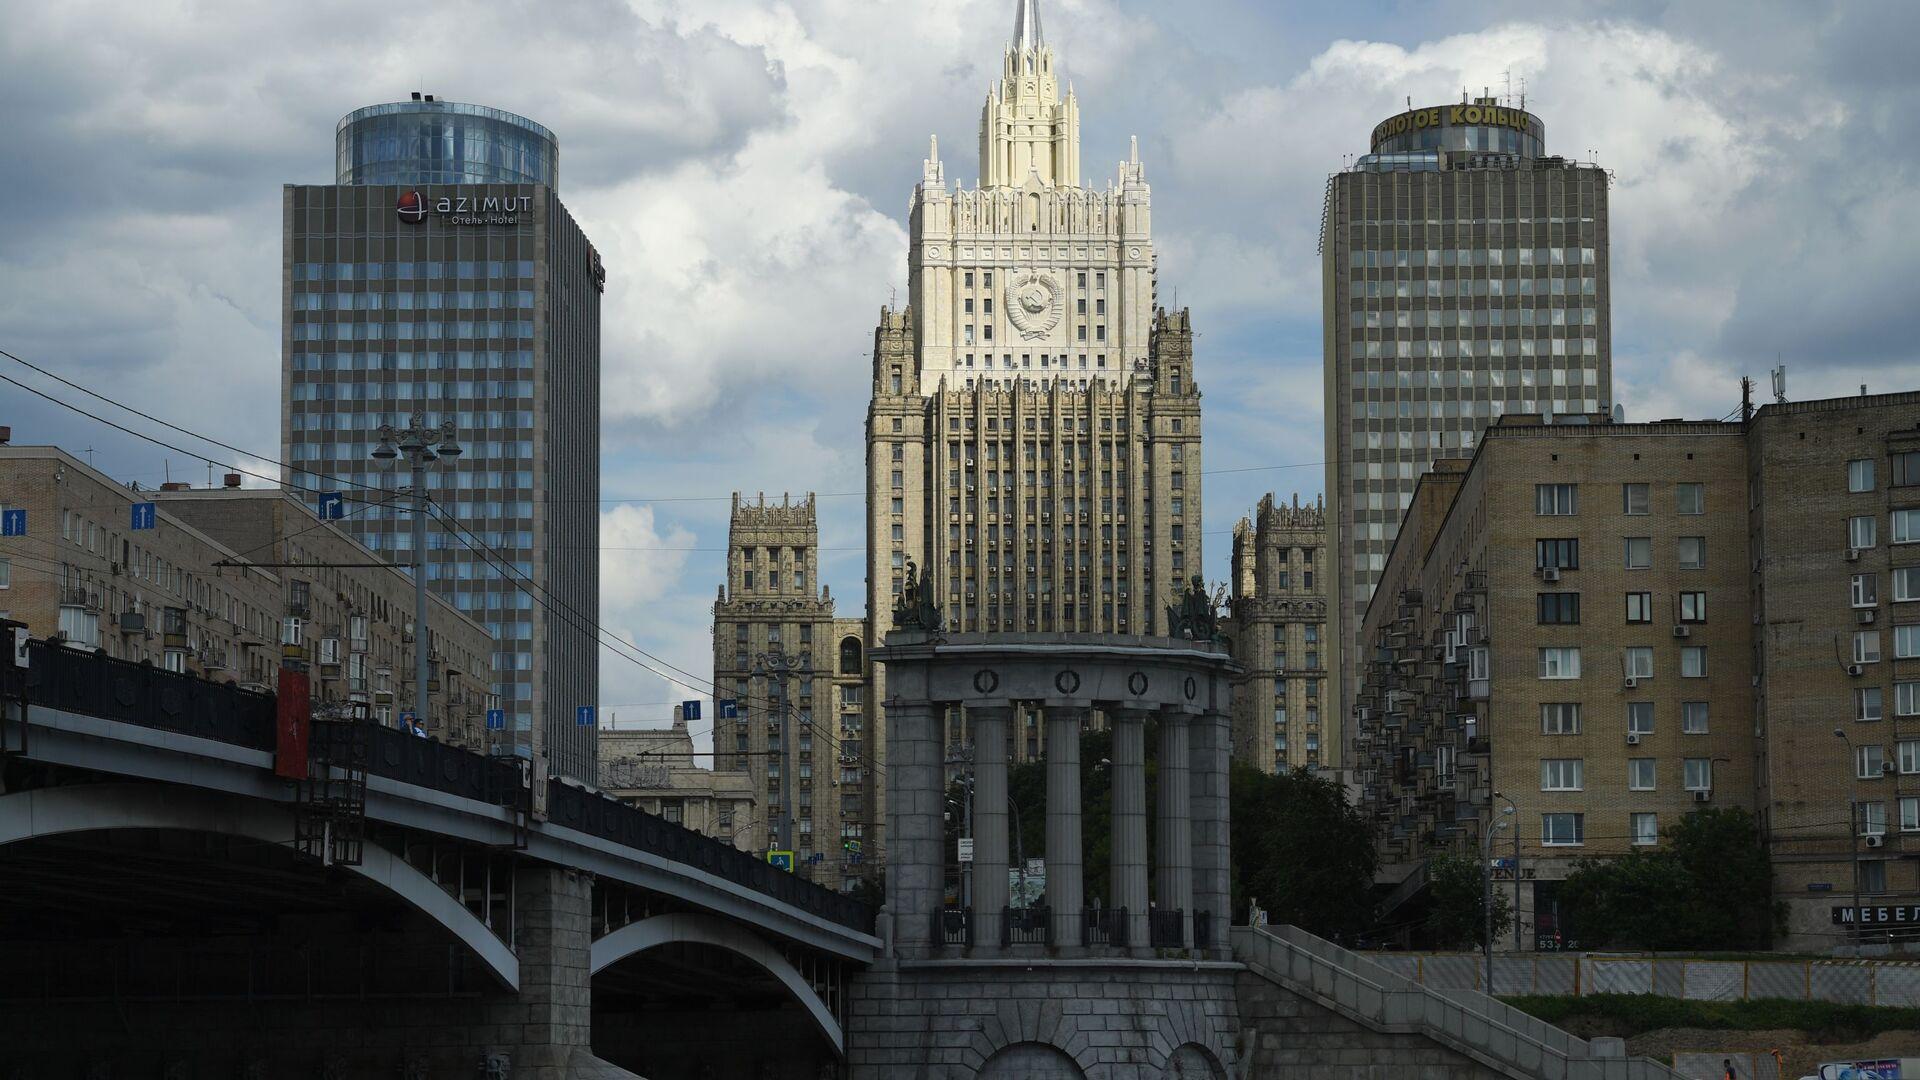 Rusko ministarstvo spoljnih poslova - Sputnik Srbija, 1920, 16.04.2021